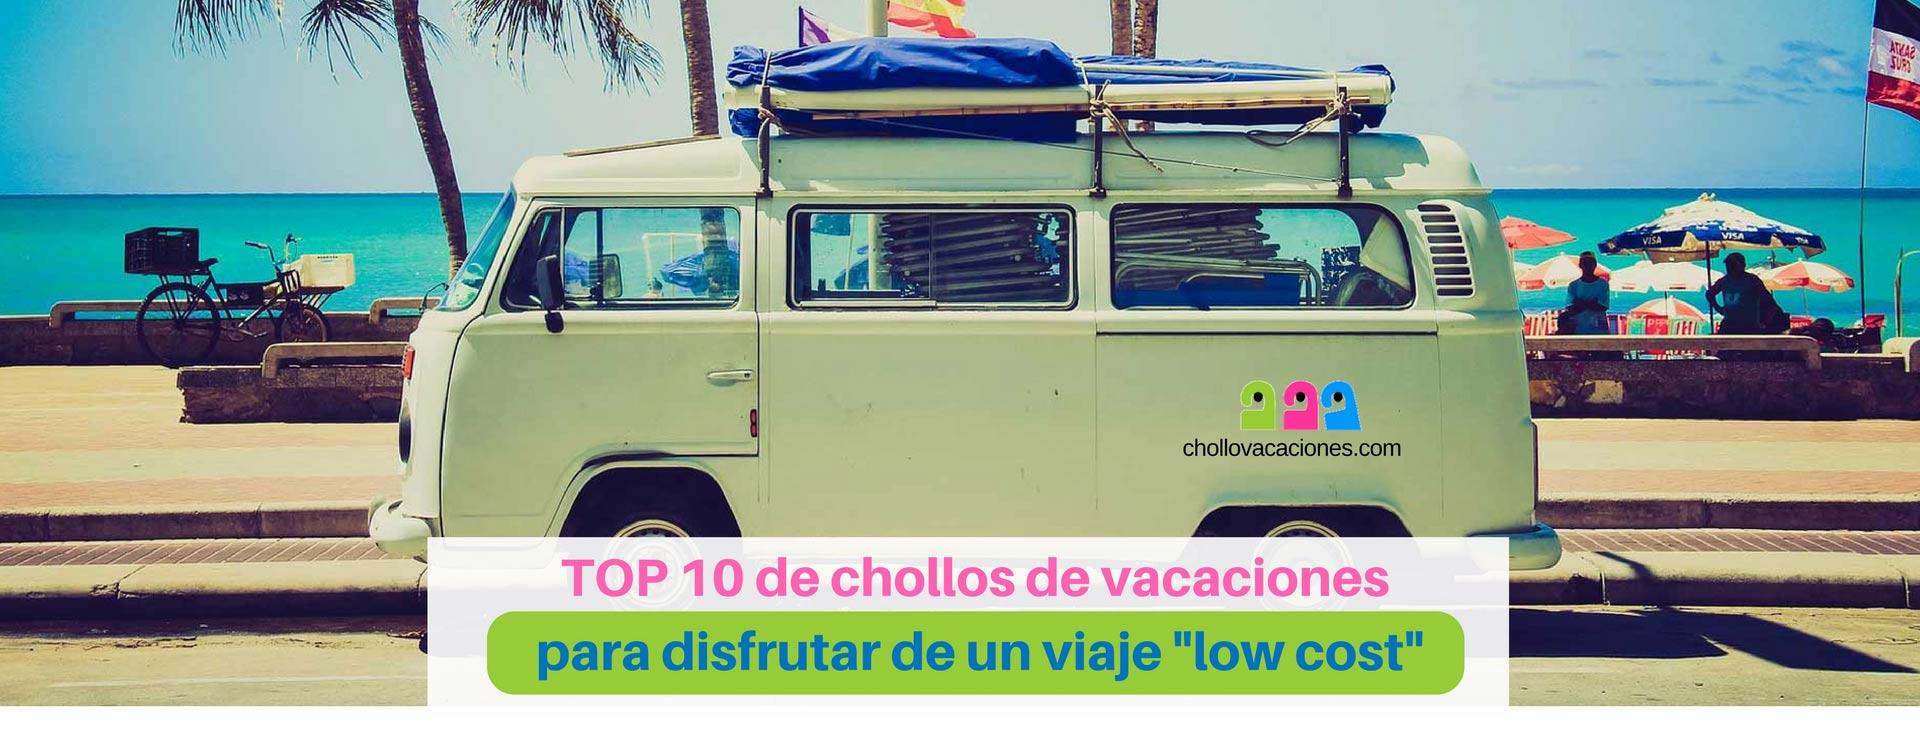 top-10-de-chollos-de-vacaciones-viajes